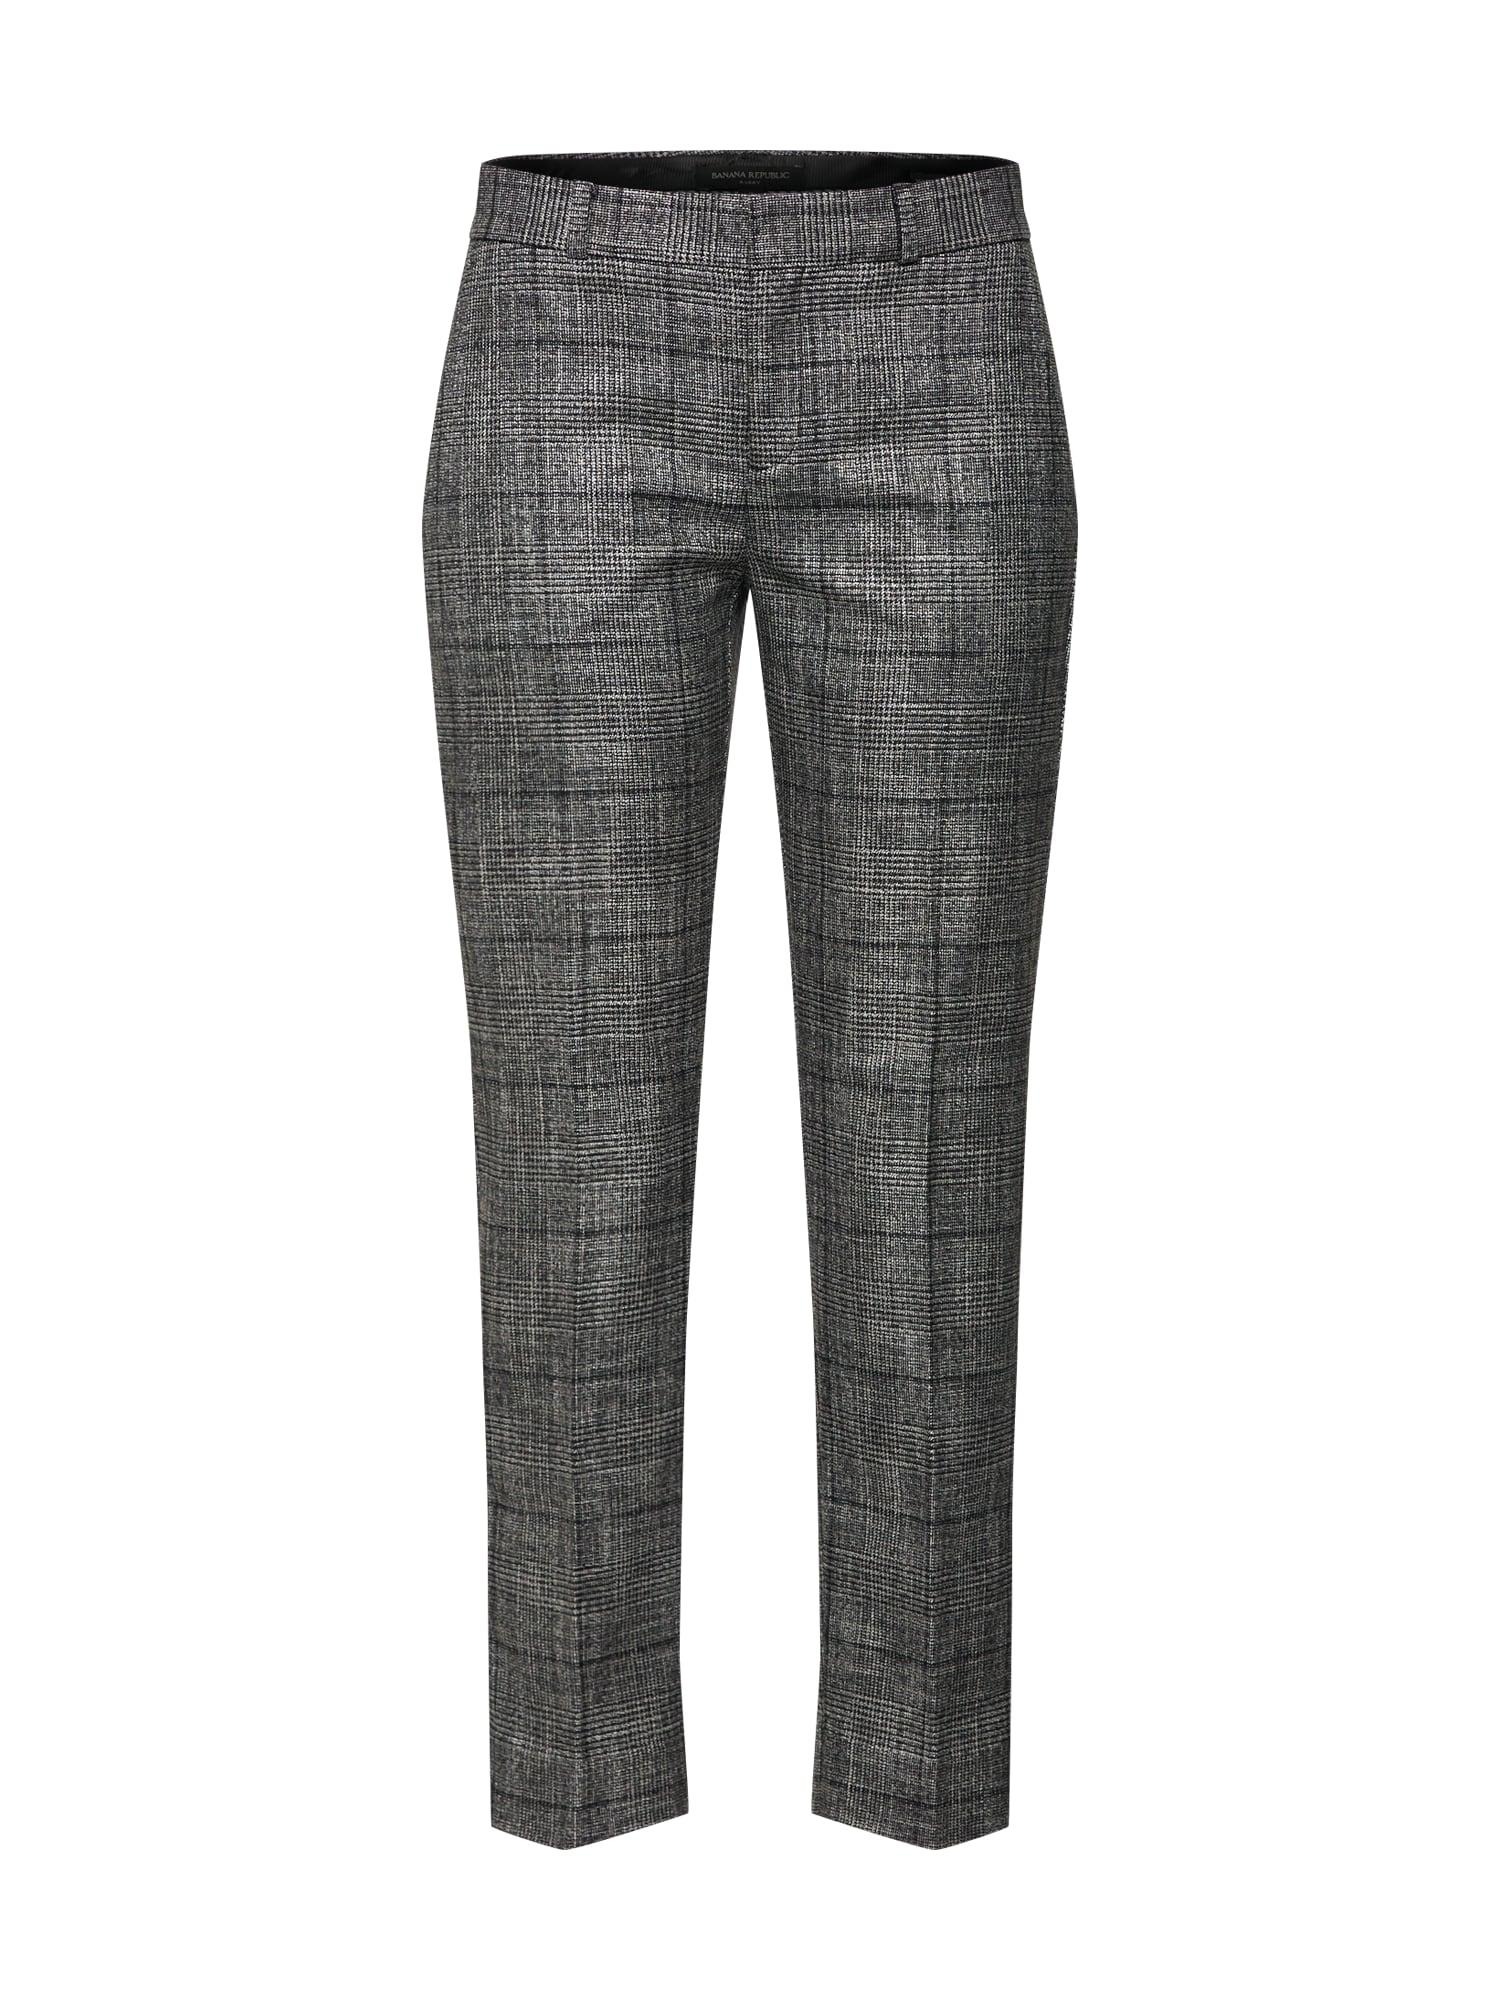 Kalhoty s puky AVERY TEXTURED MENSWEAR PLAID grau schwarz Banana Republic